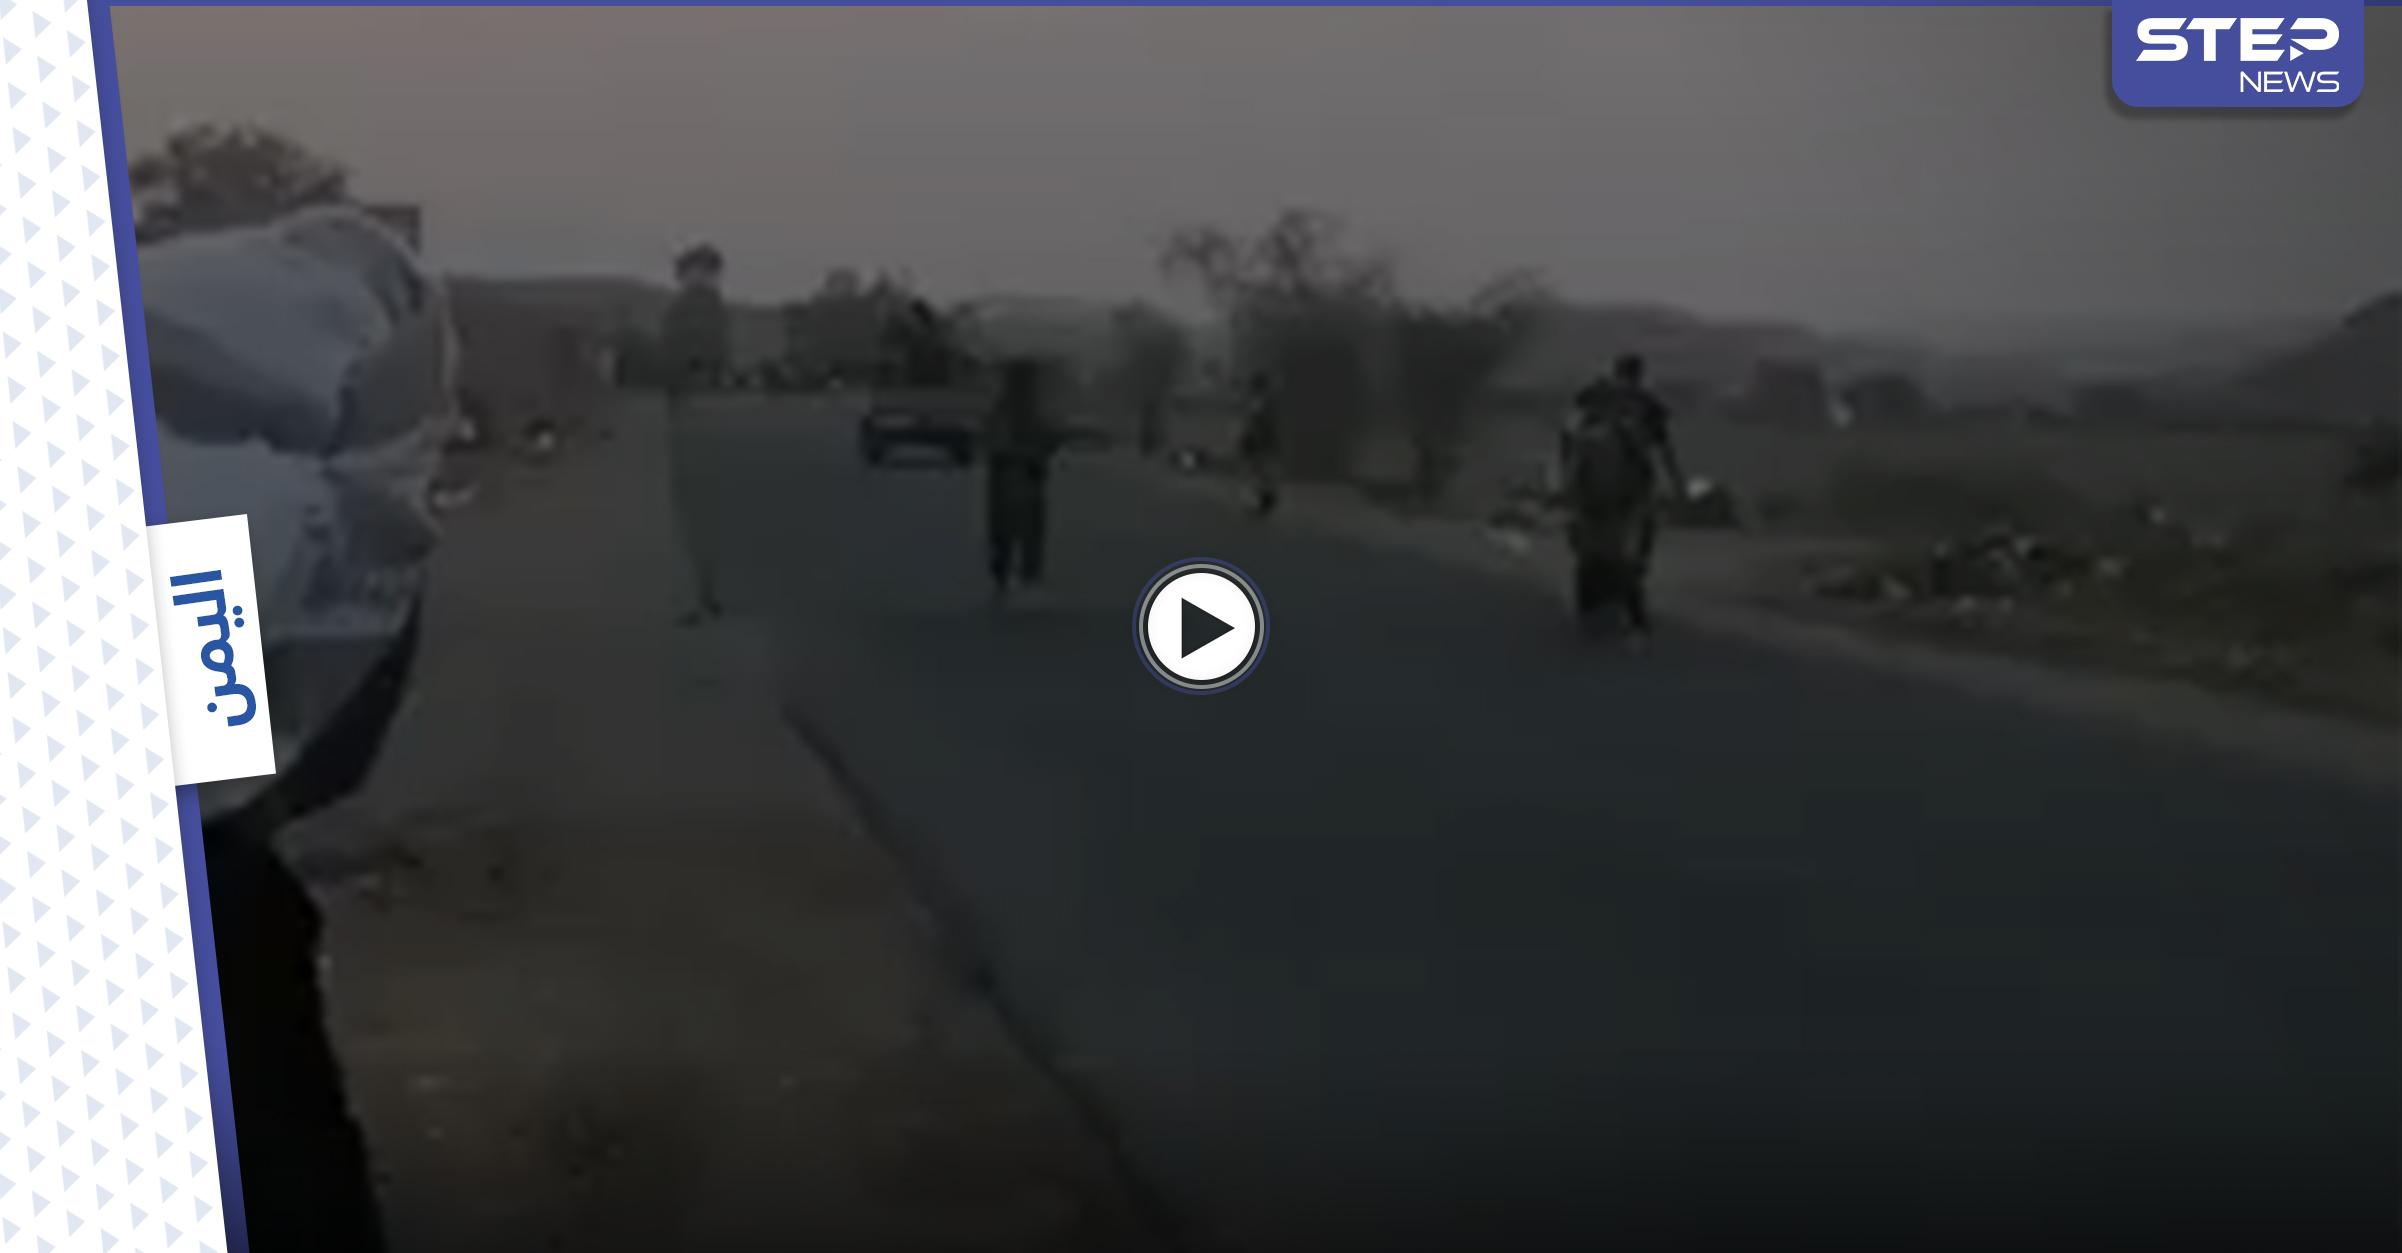 بالفيديو|| بعد معارك ضارية مع ميليشيا الحوثي.. الجيش اليمني ينتزع السيطرة على كامل مديرية الزاهر